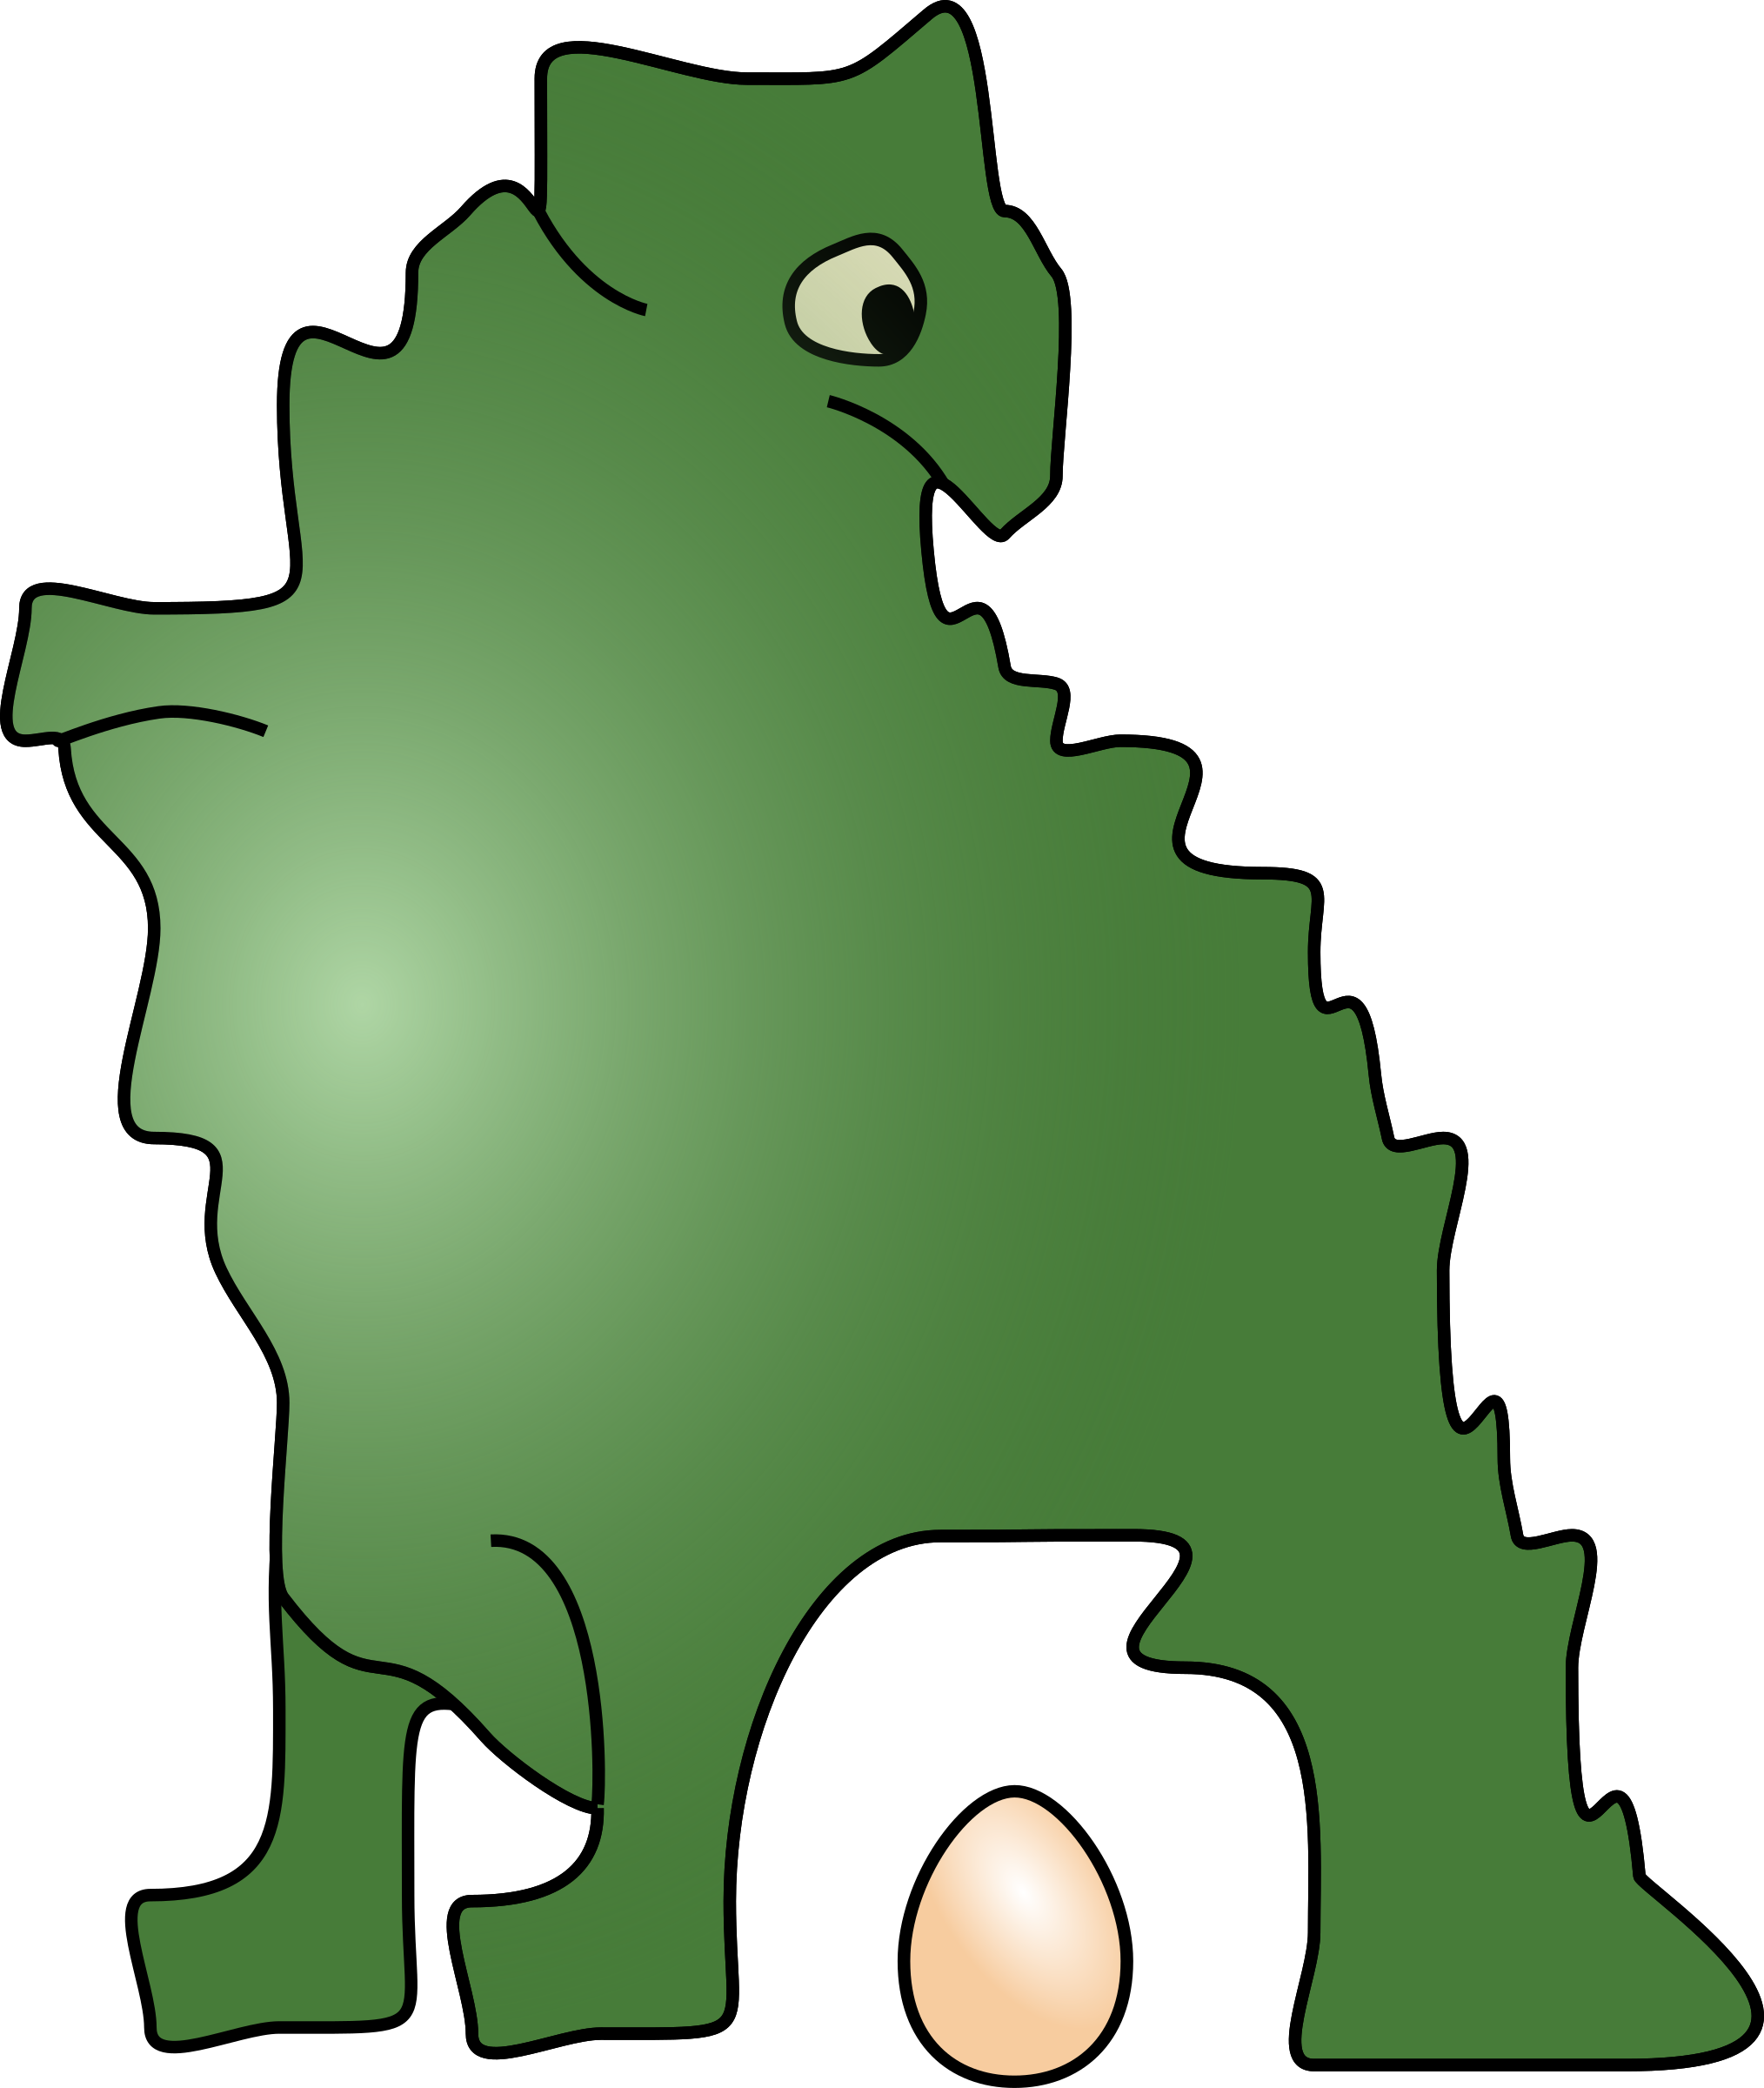 Eggs clipart cartoon. Dinosaur laid an egg